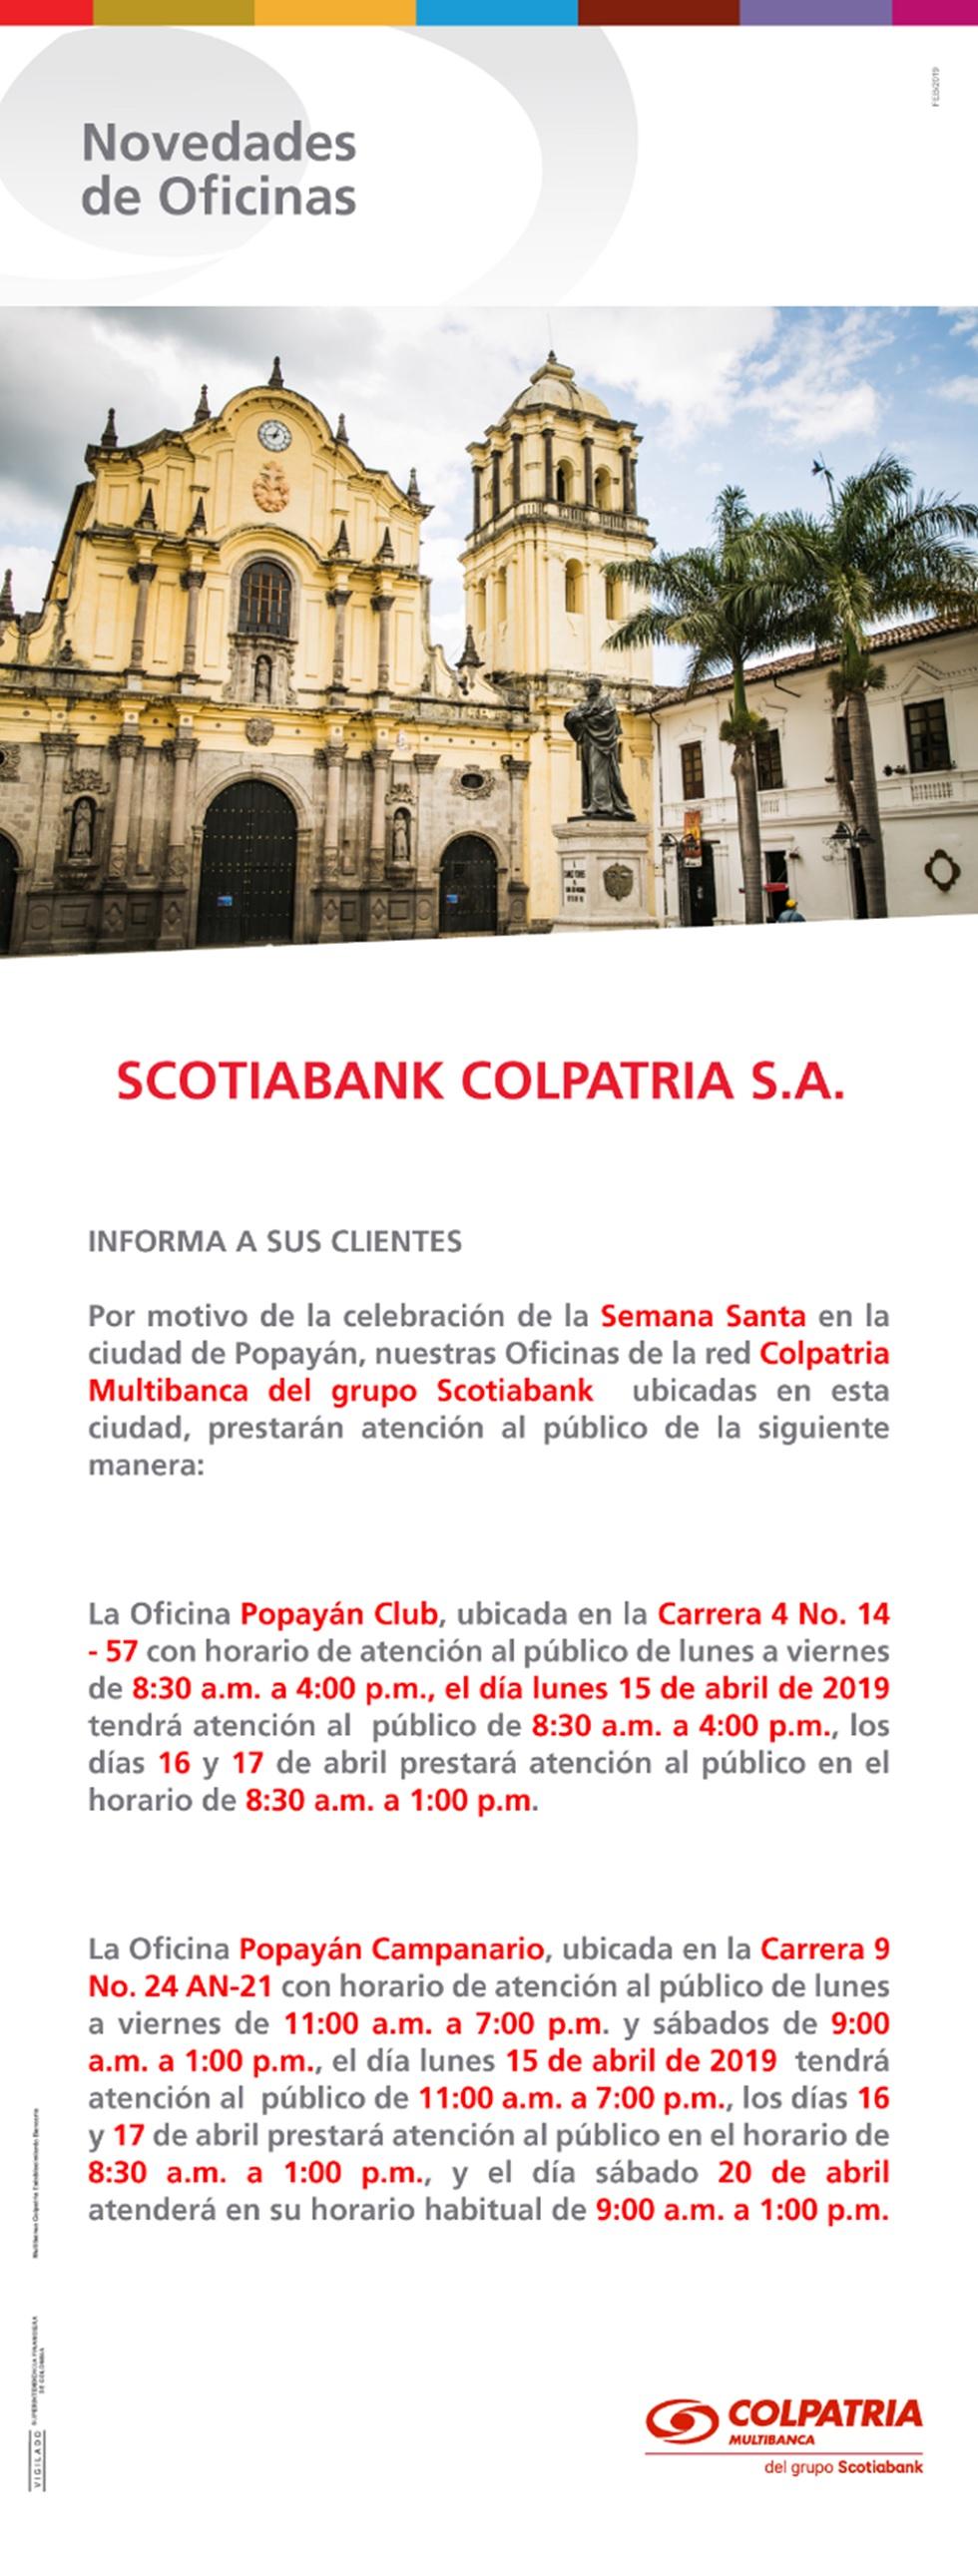 oficinas Popayán - horario semana santa